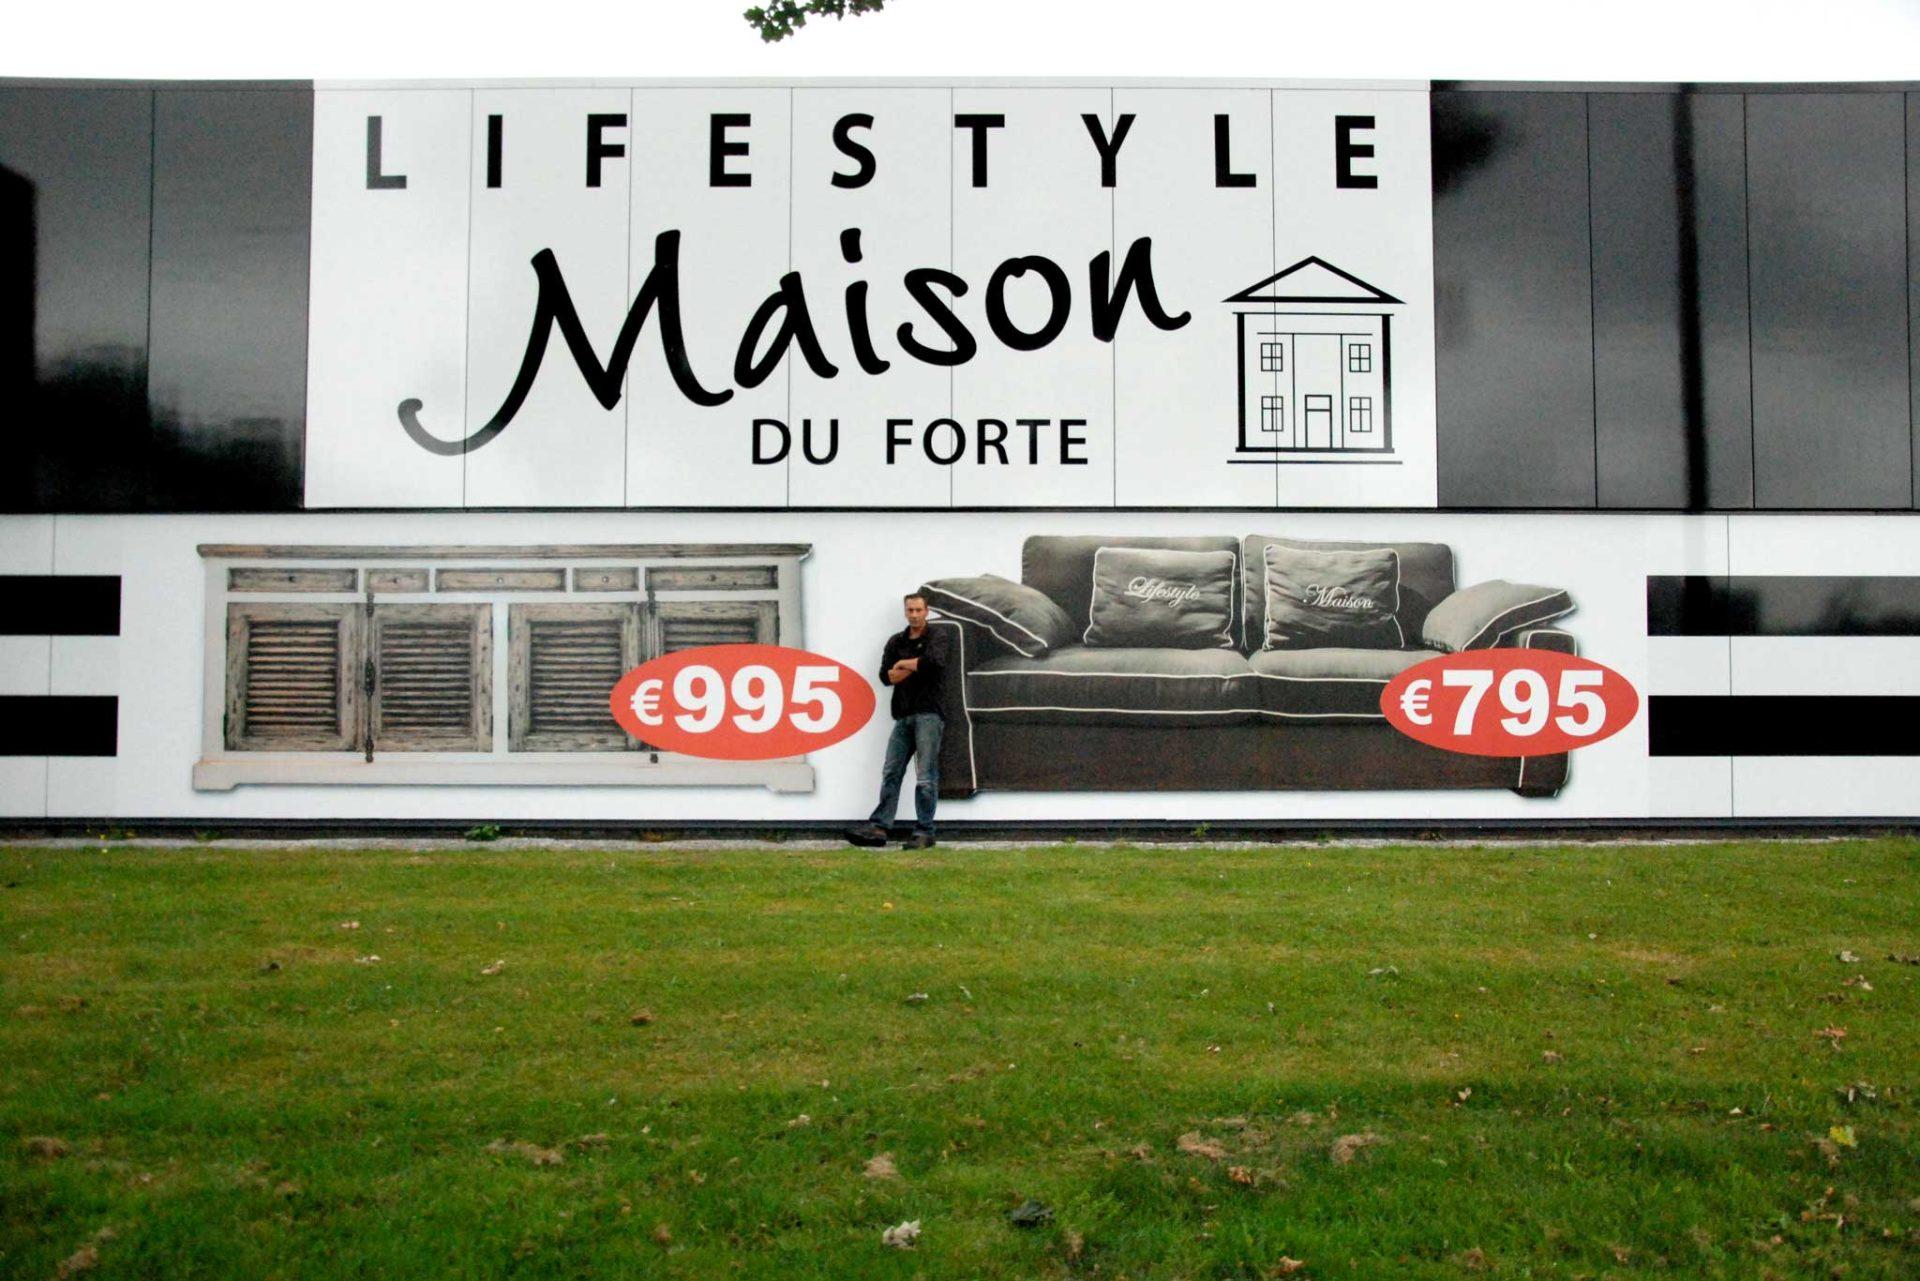 Gevelreclame - Lifestyle Maison Du Forte